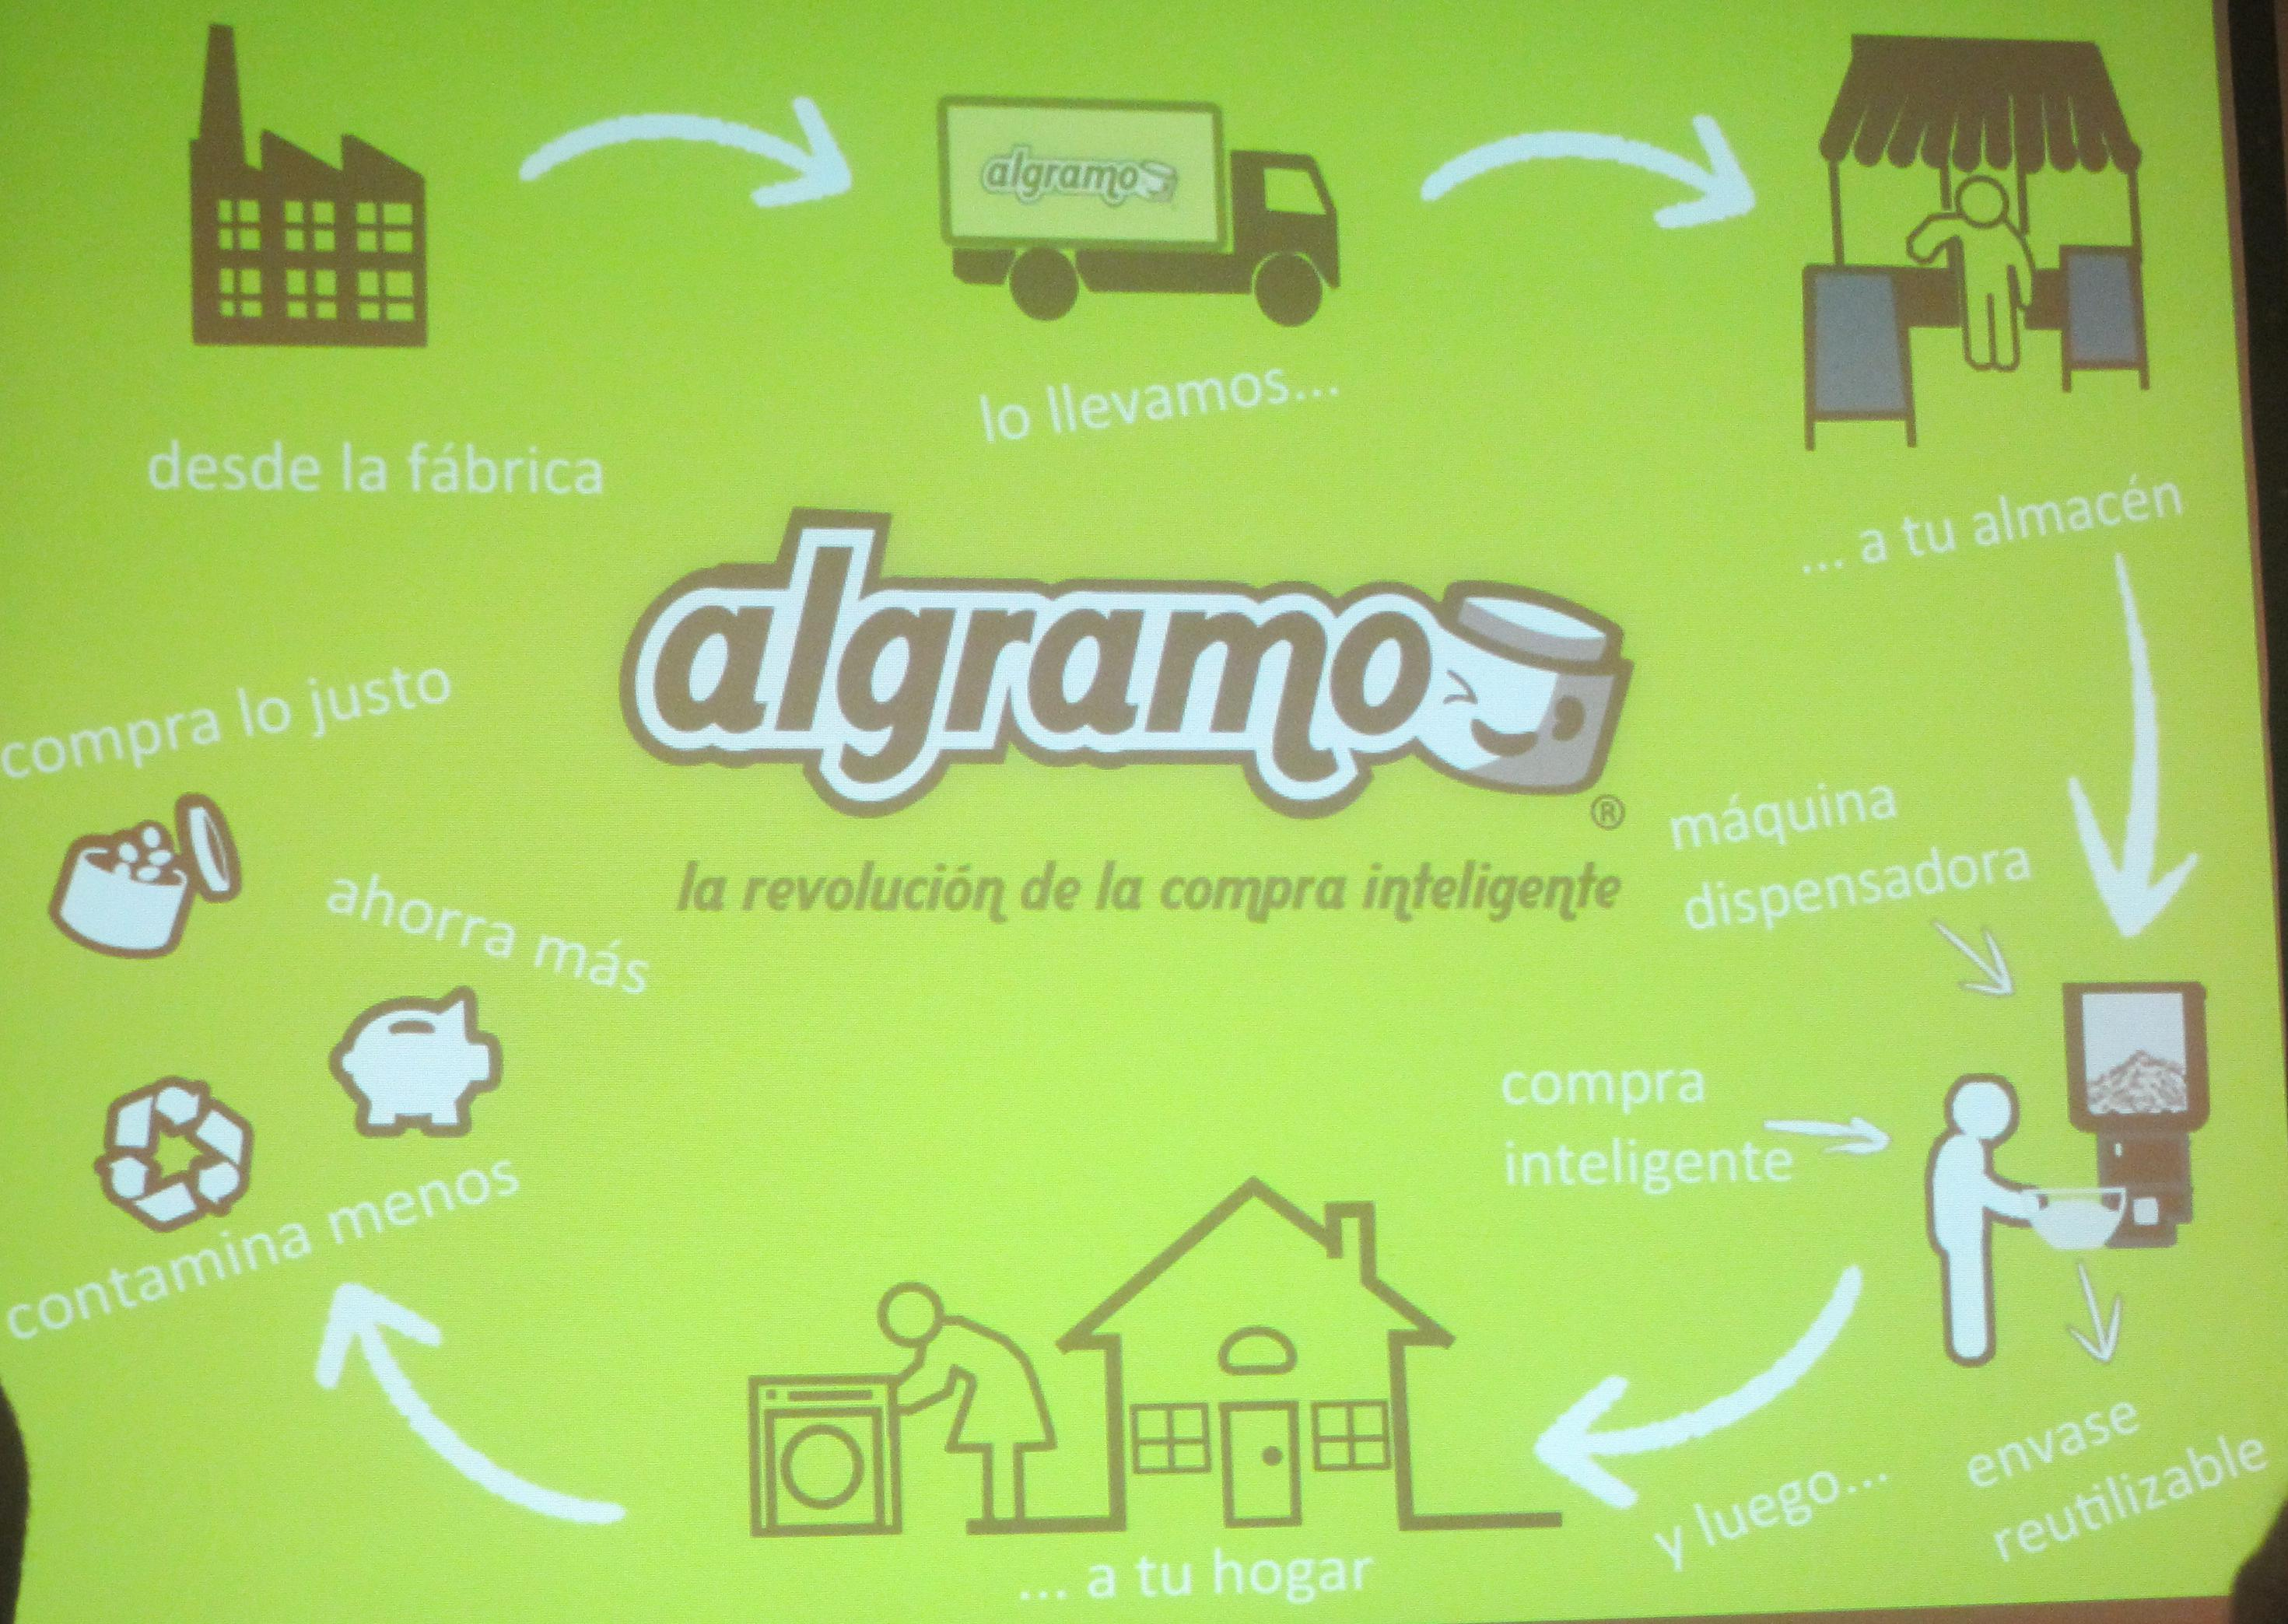 Algramo